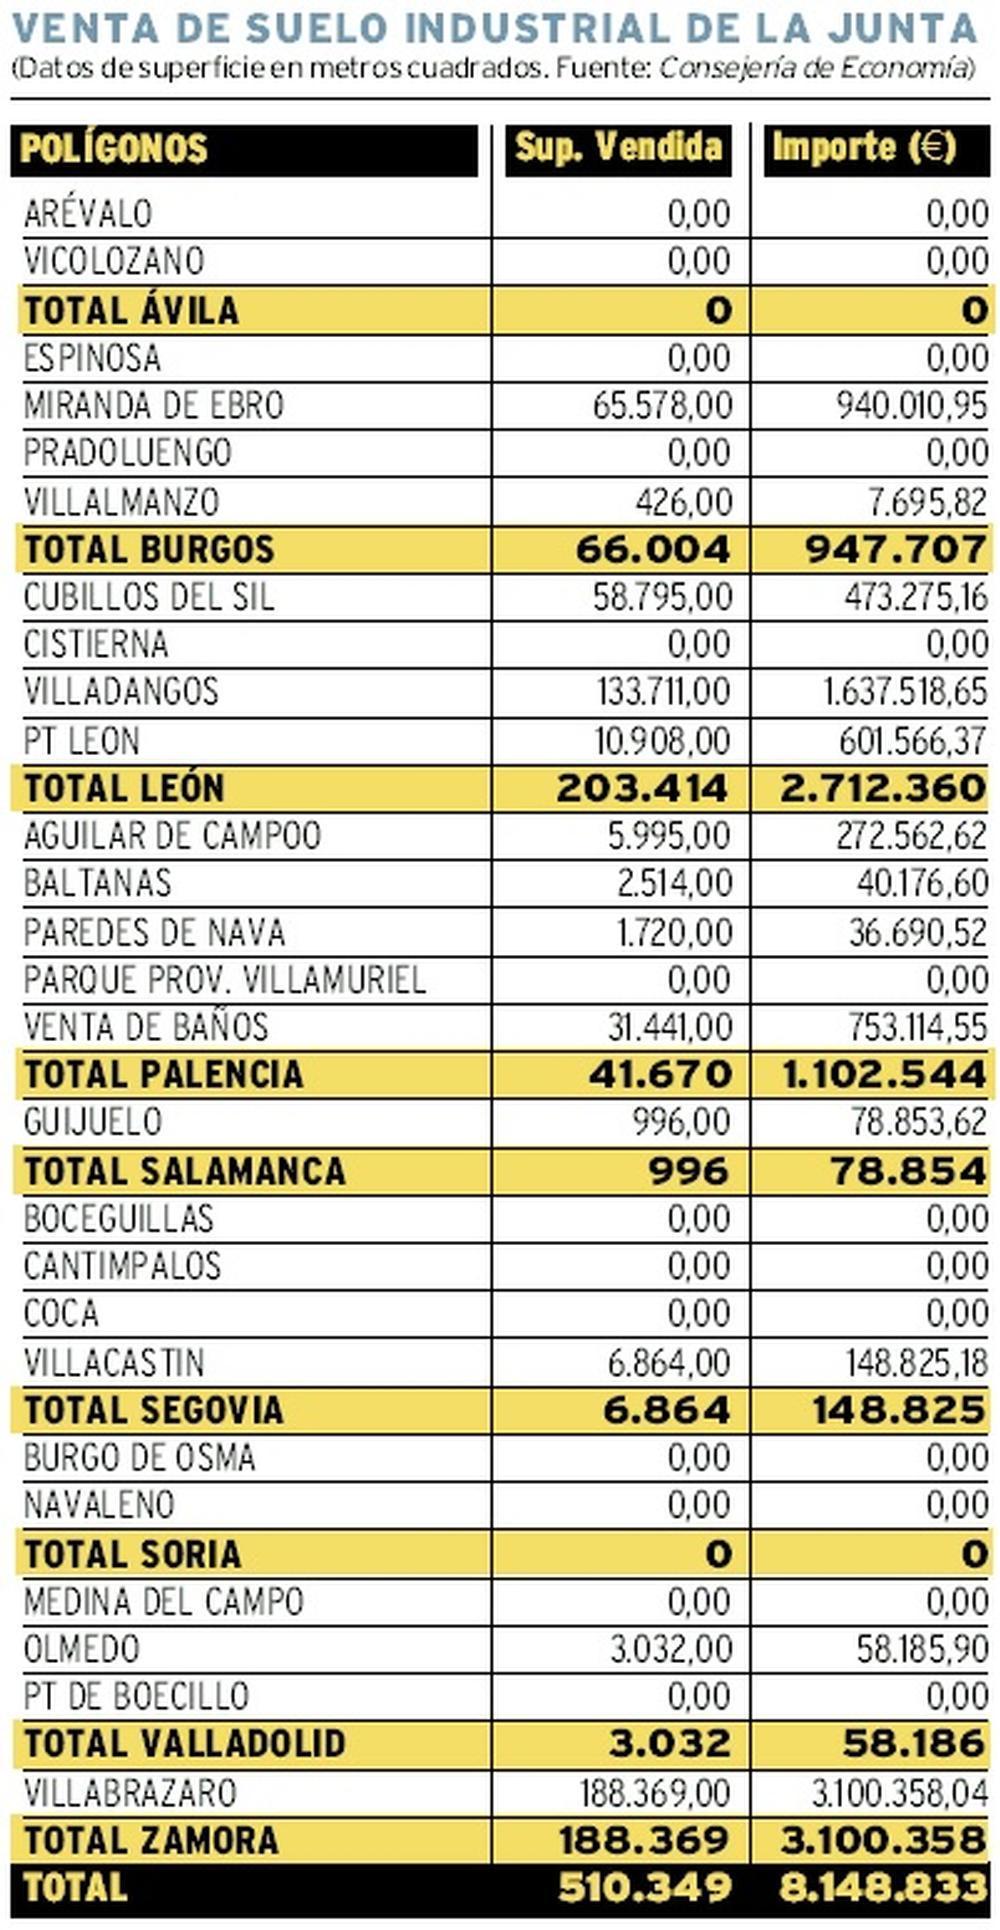 La venta de suelo industrial de la Junta se duplica en 2020